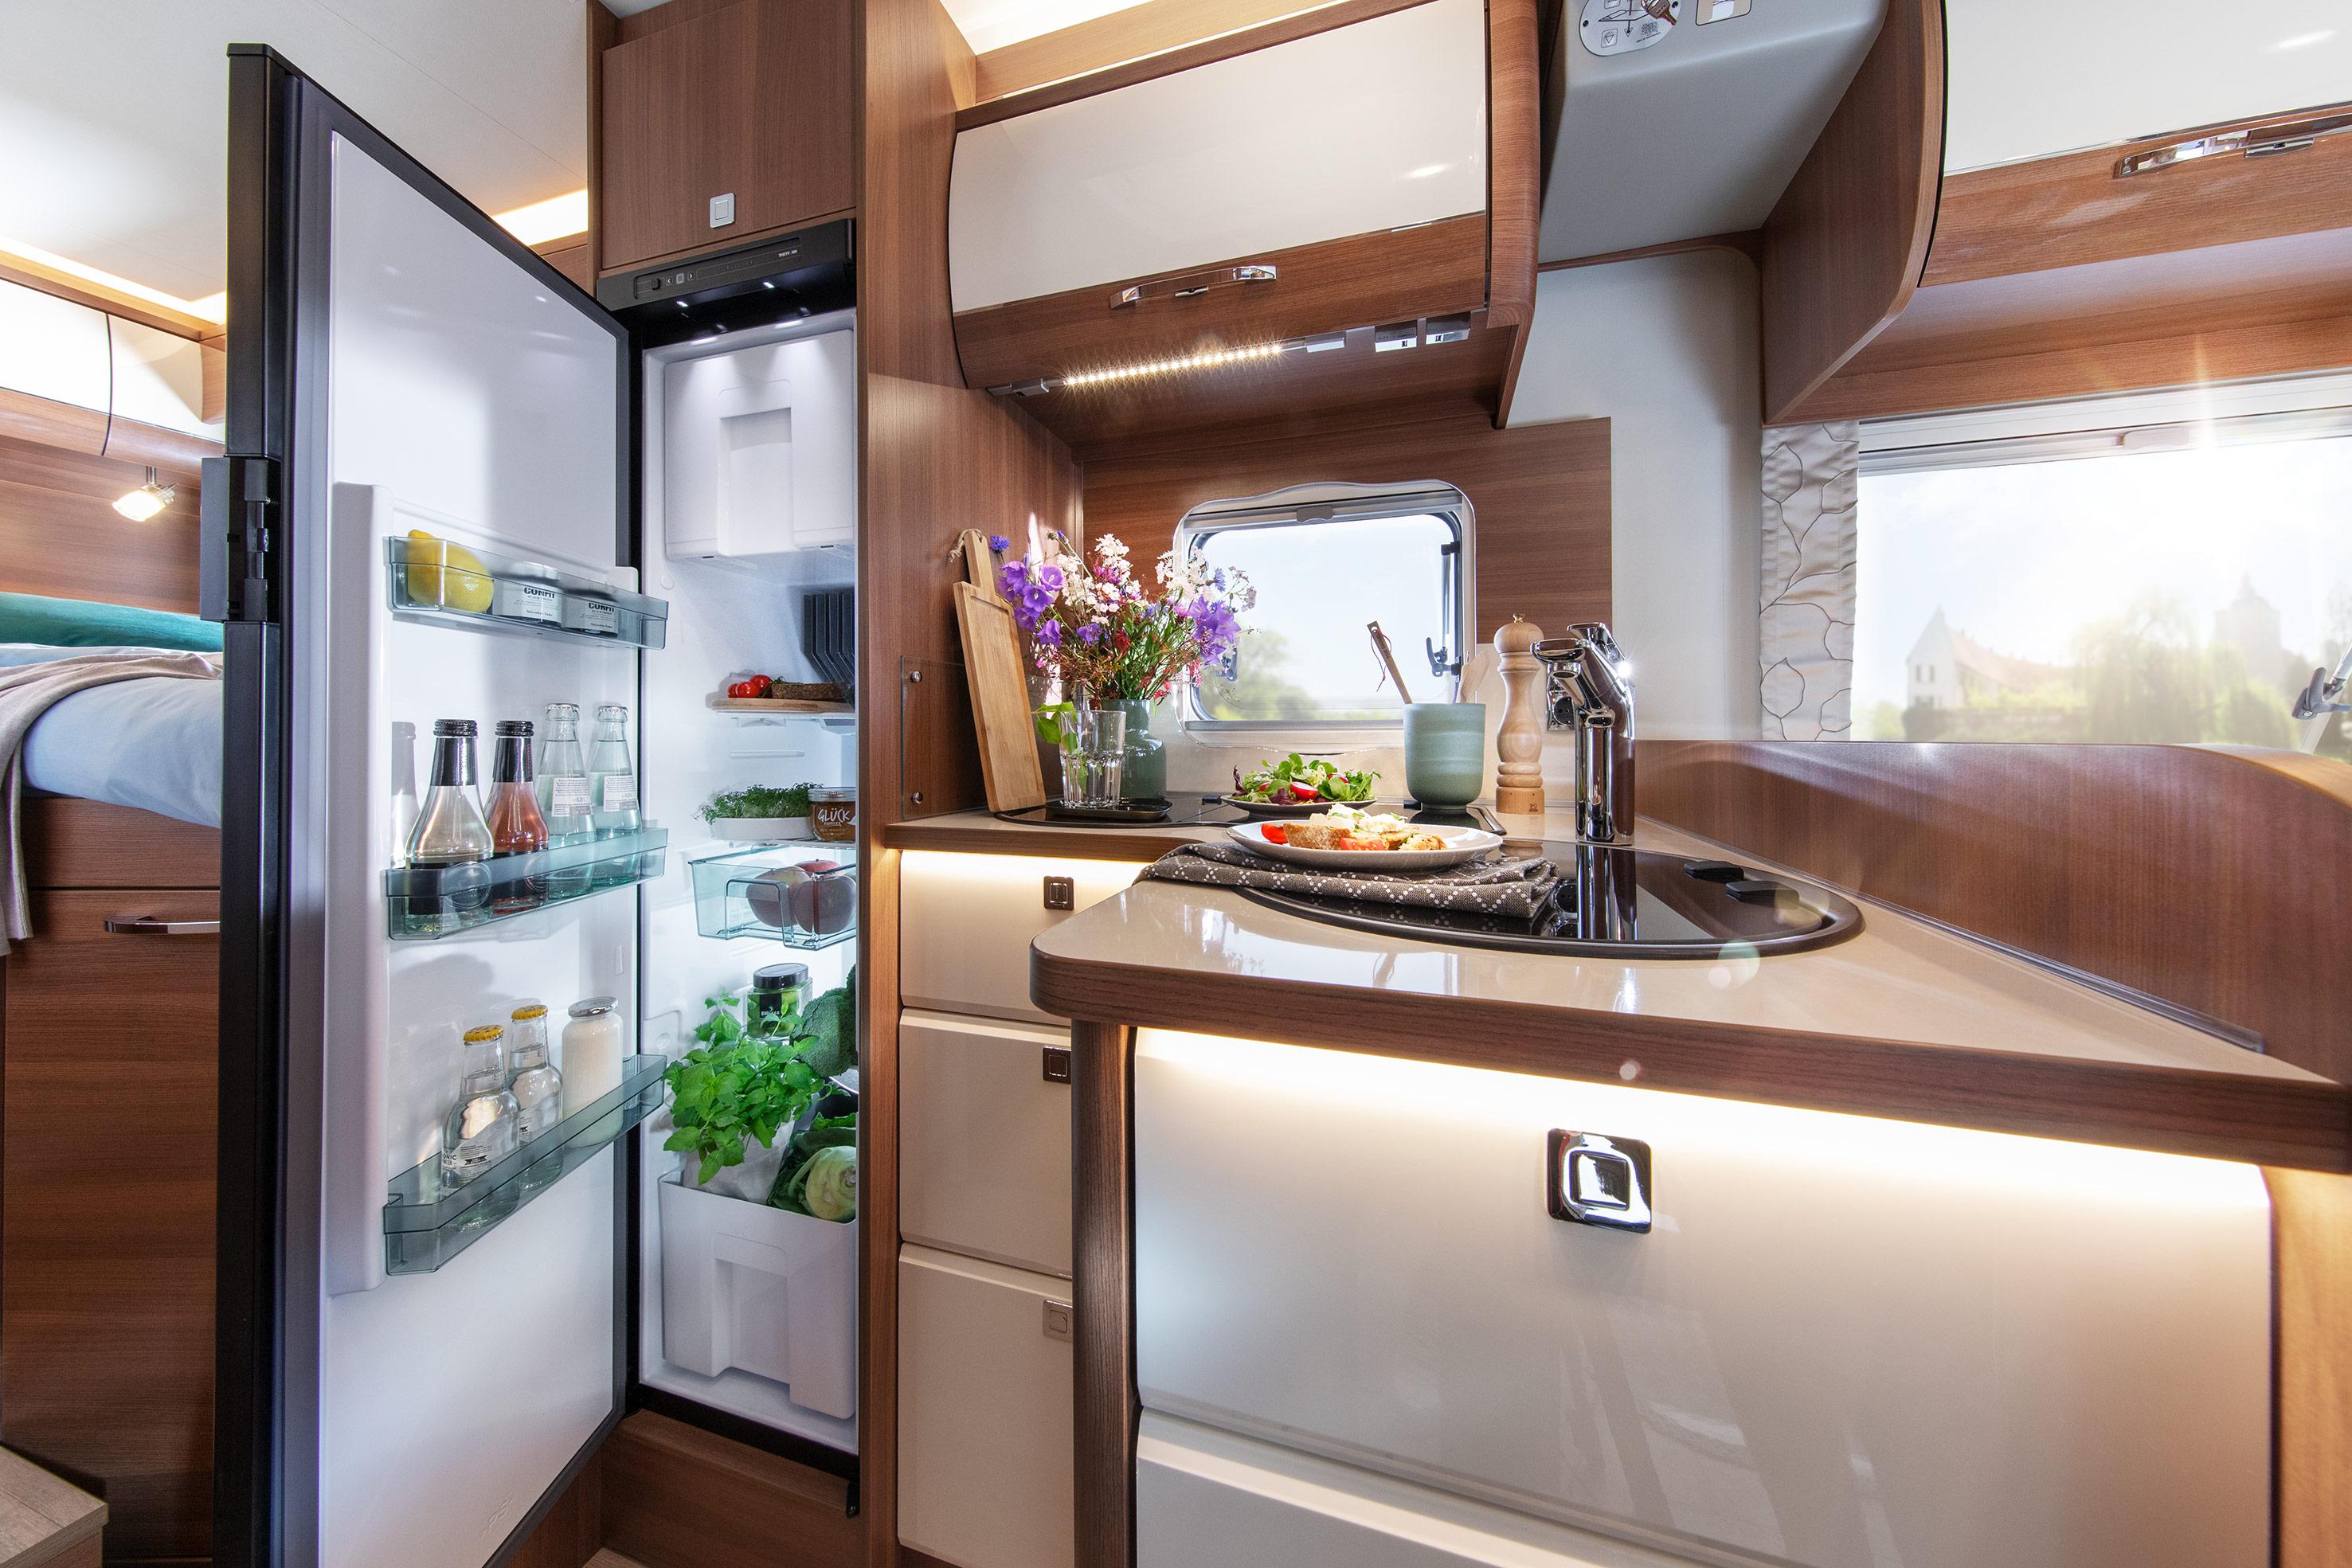 LMC comfort TI672g - keuken 2019